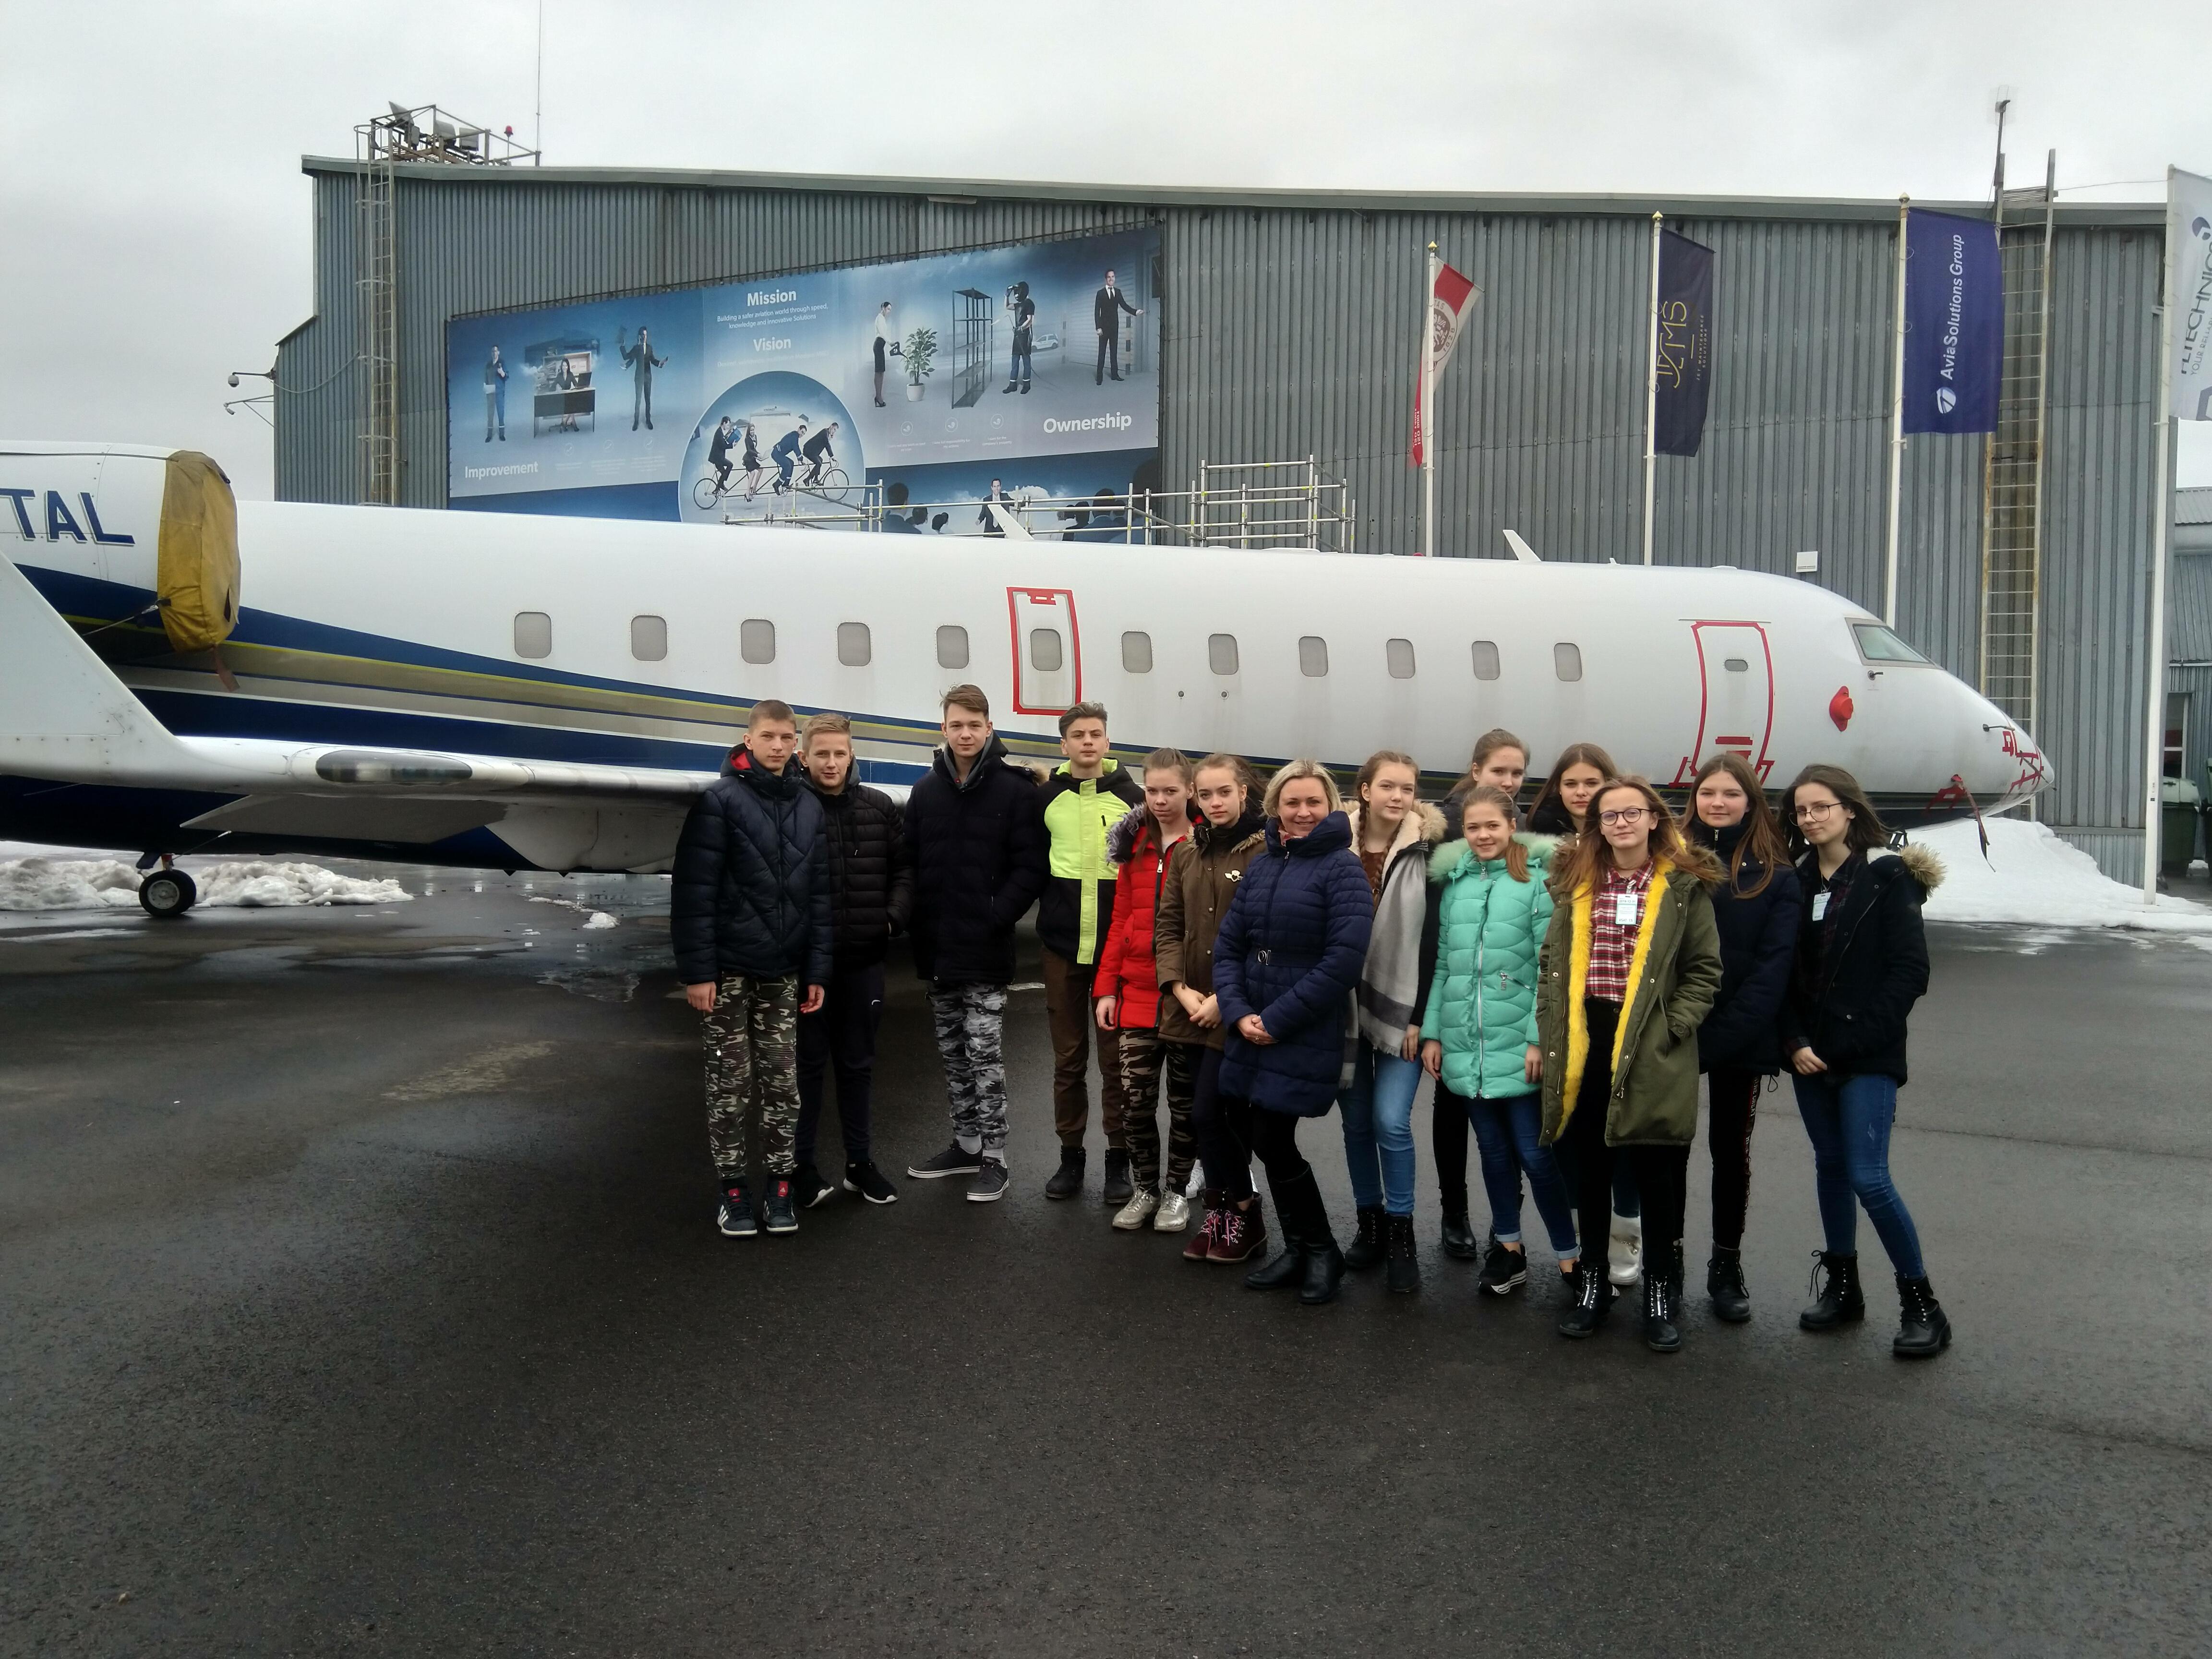 Lavoriškių gimnazijos JPB nariai  Vilniaus oro uoste domėjosi pasieniečių darbu